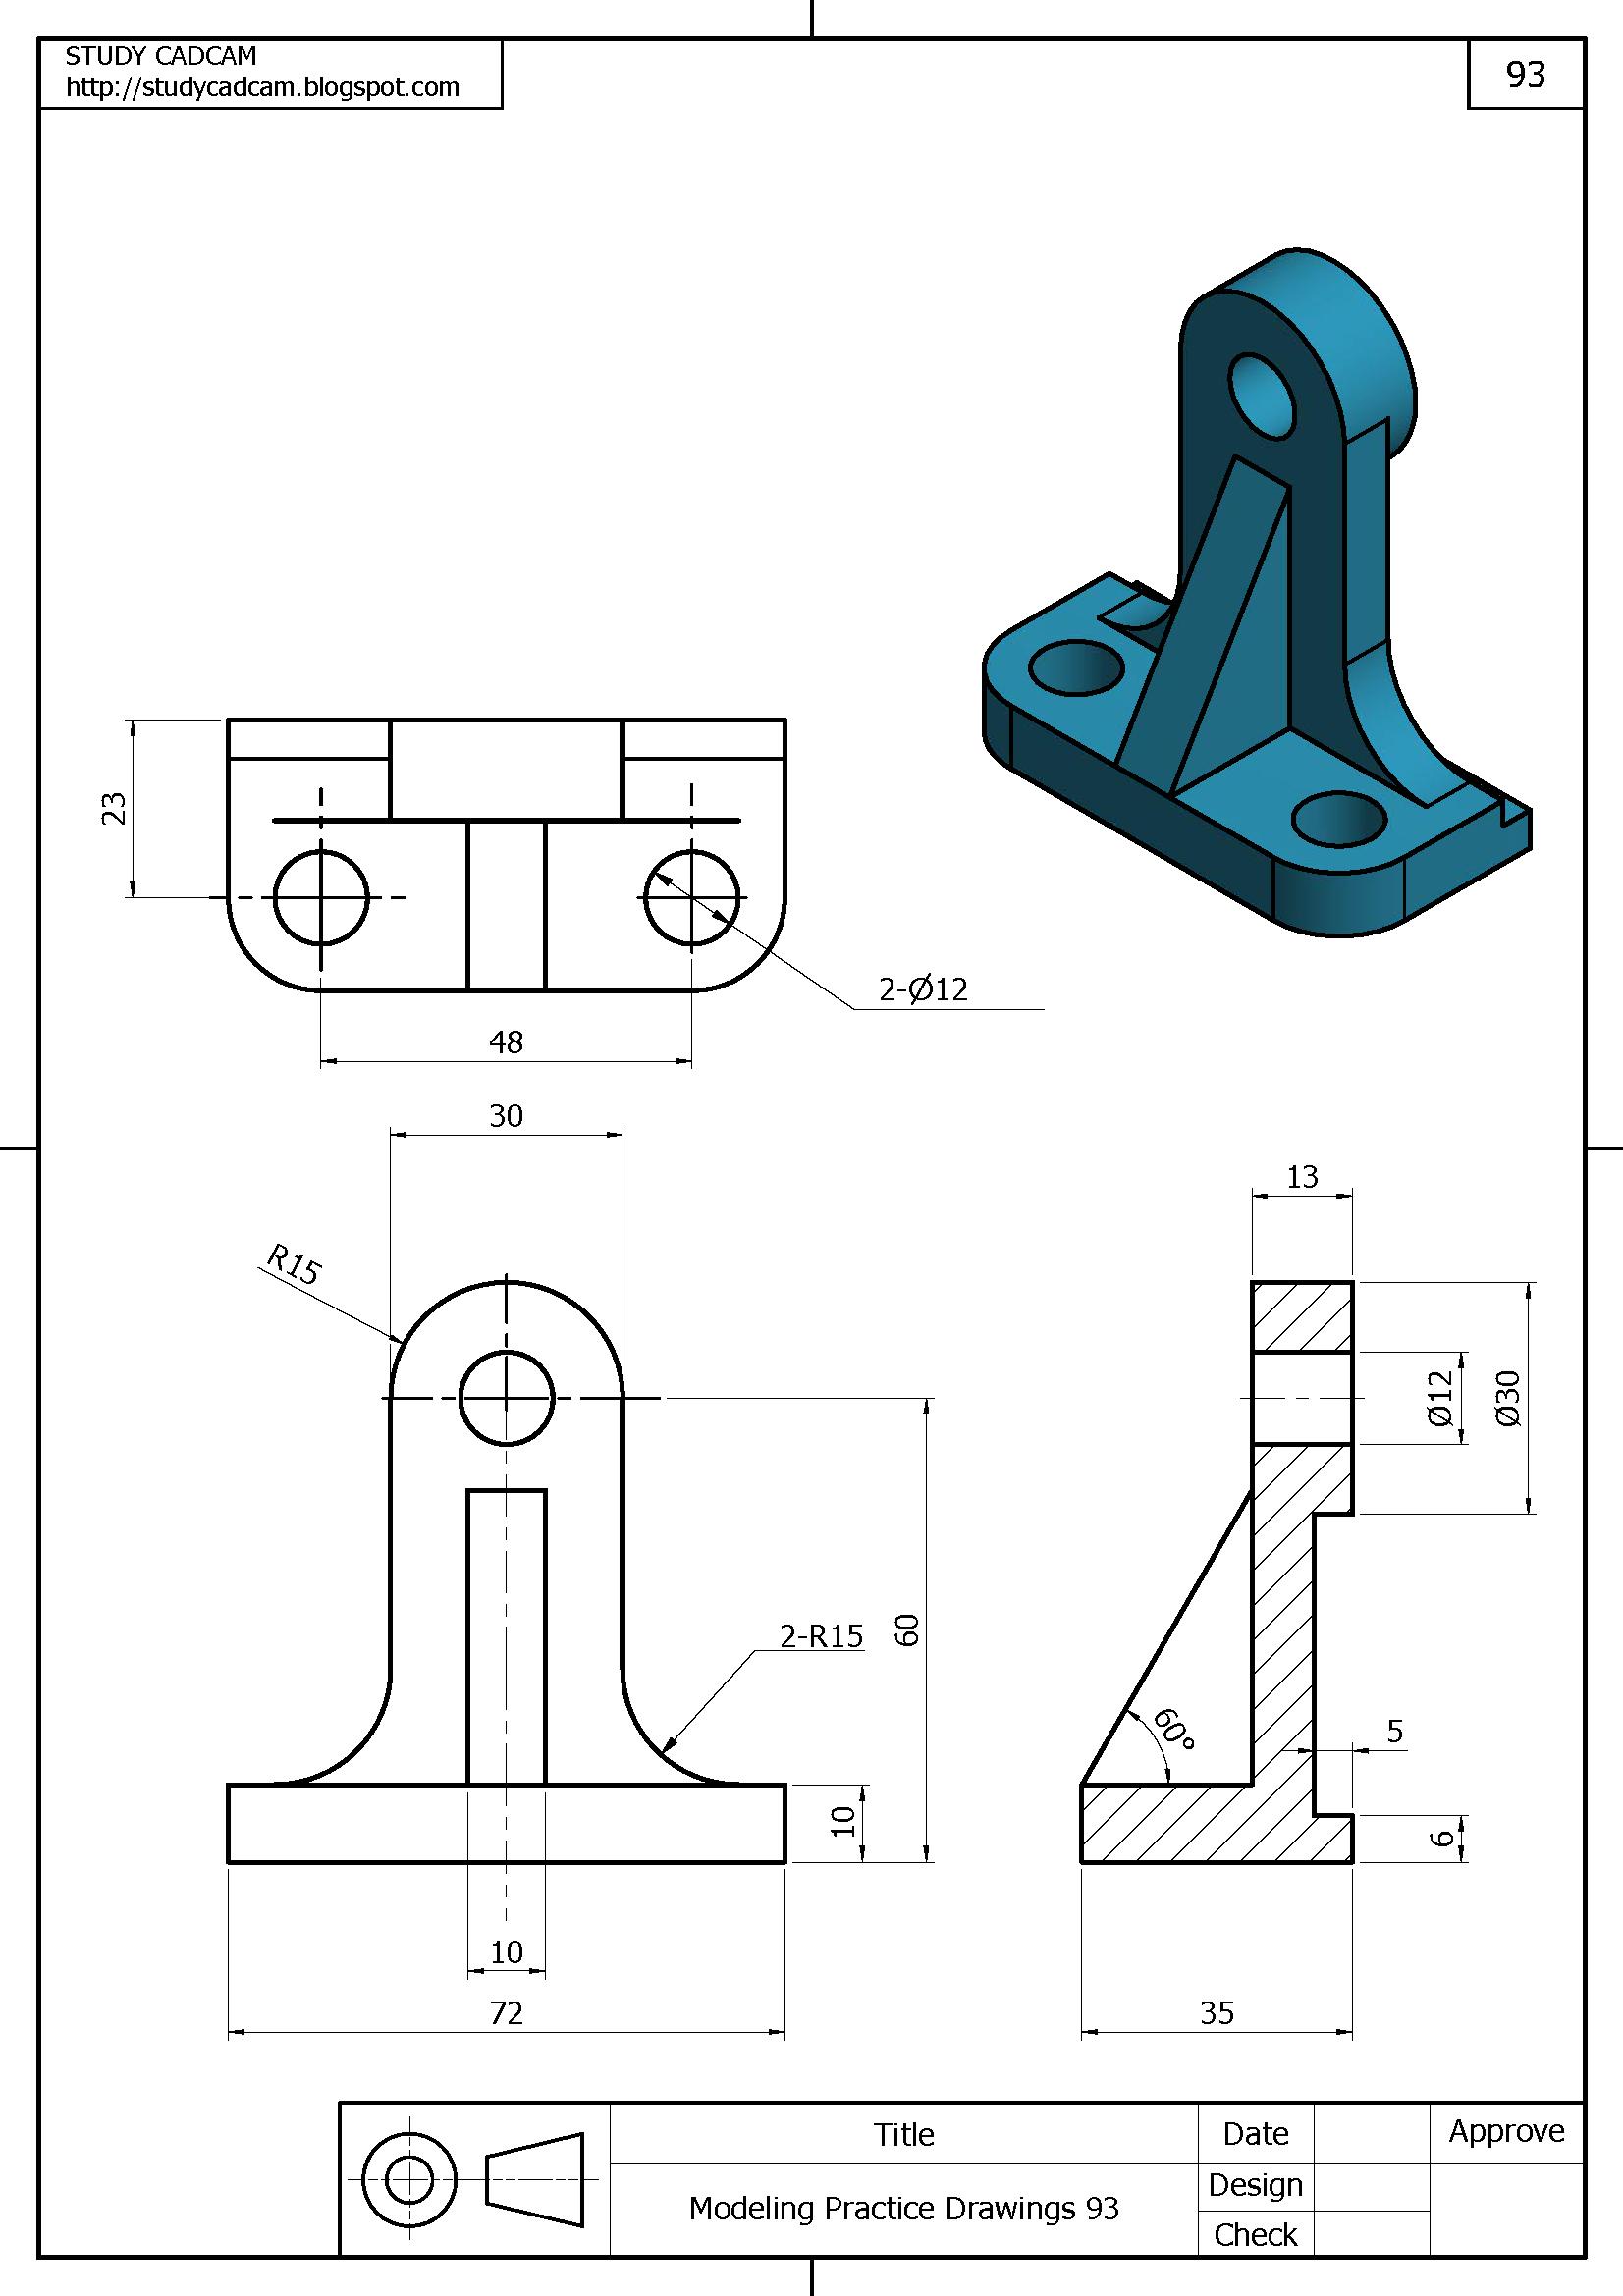 Pin De Sujay Surya En Dibujo Mecanico Tecnicas De Dibujo Ejercicios De Dibujo Dibujo Tecnico Ejercicios